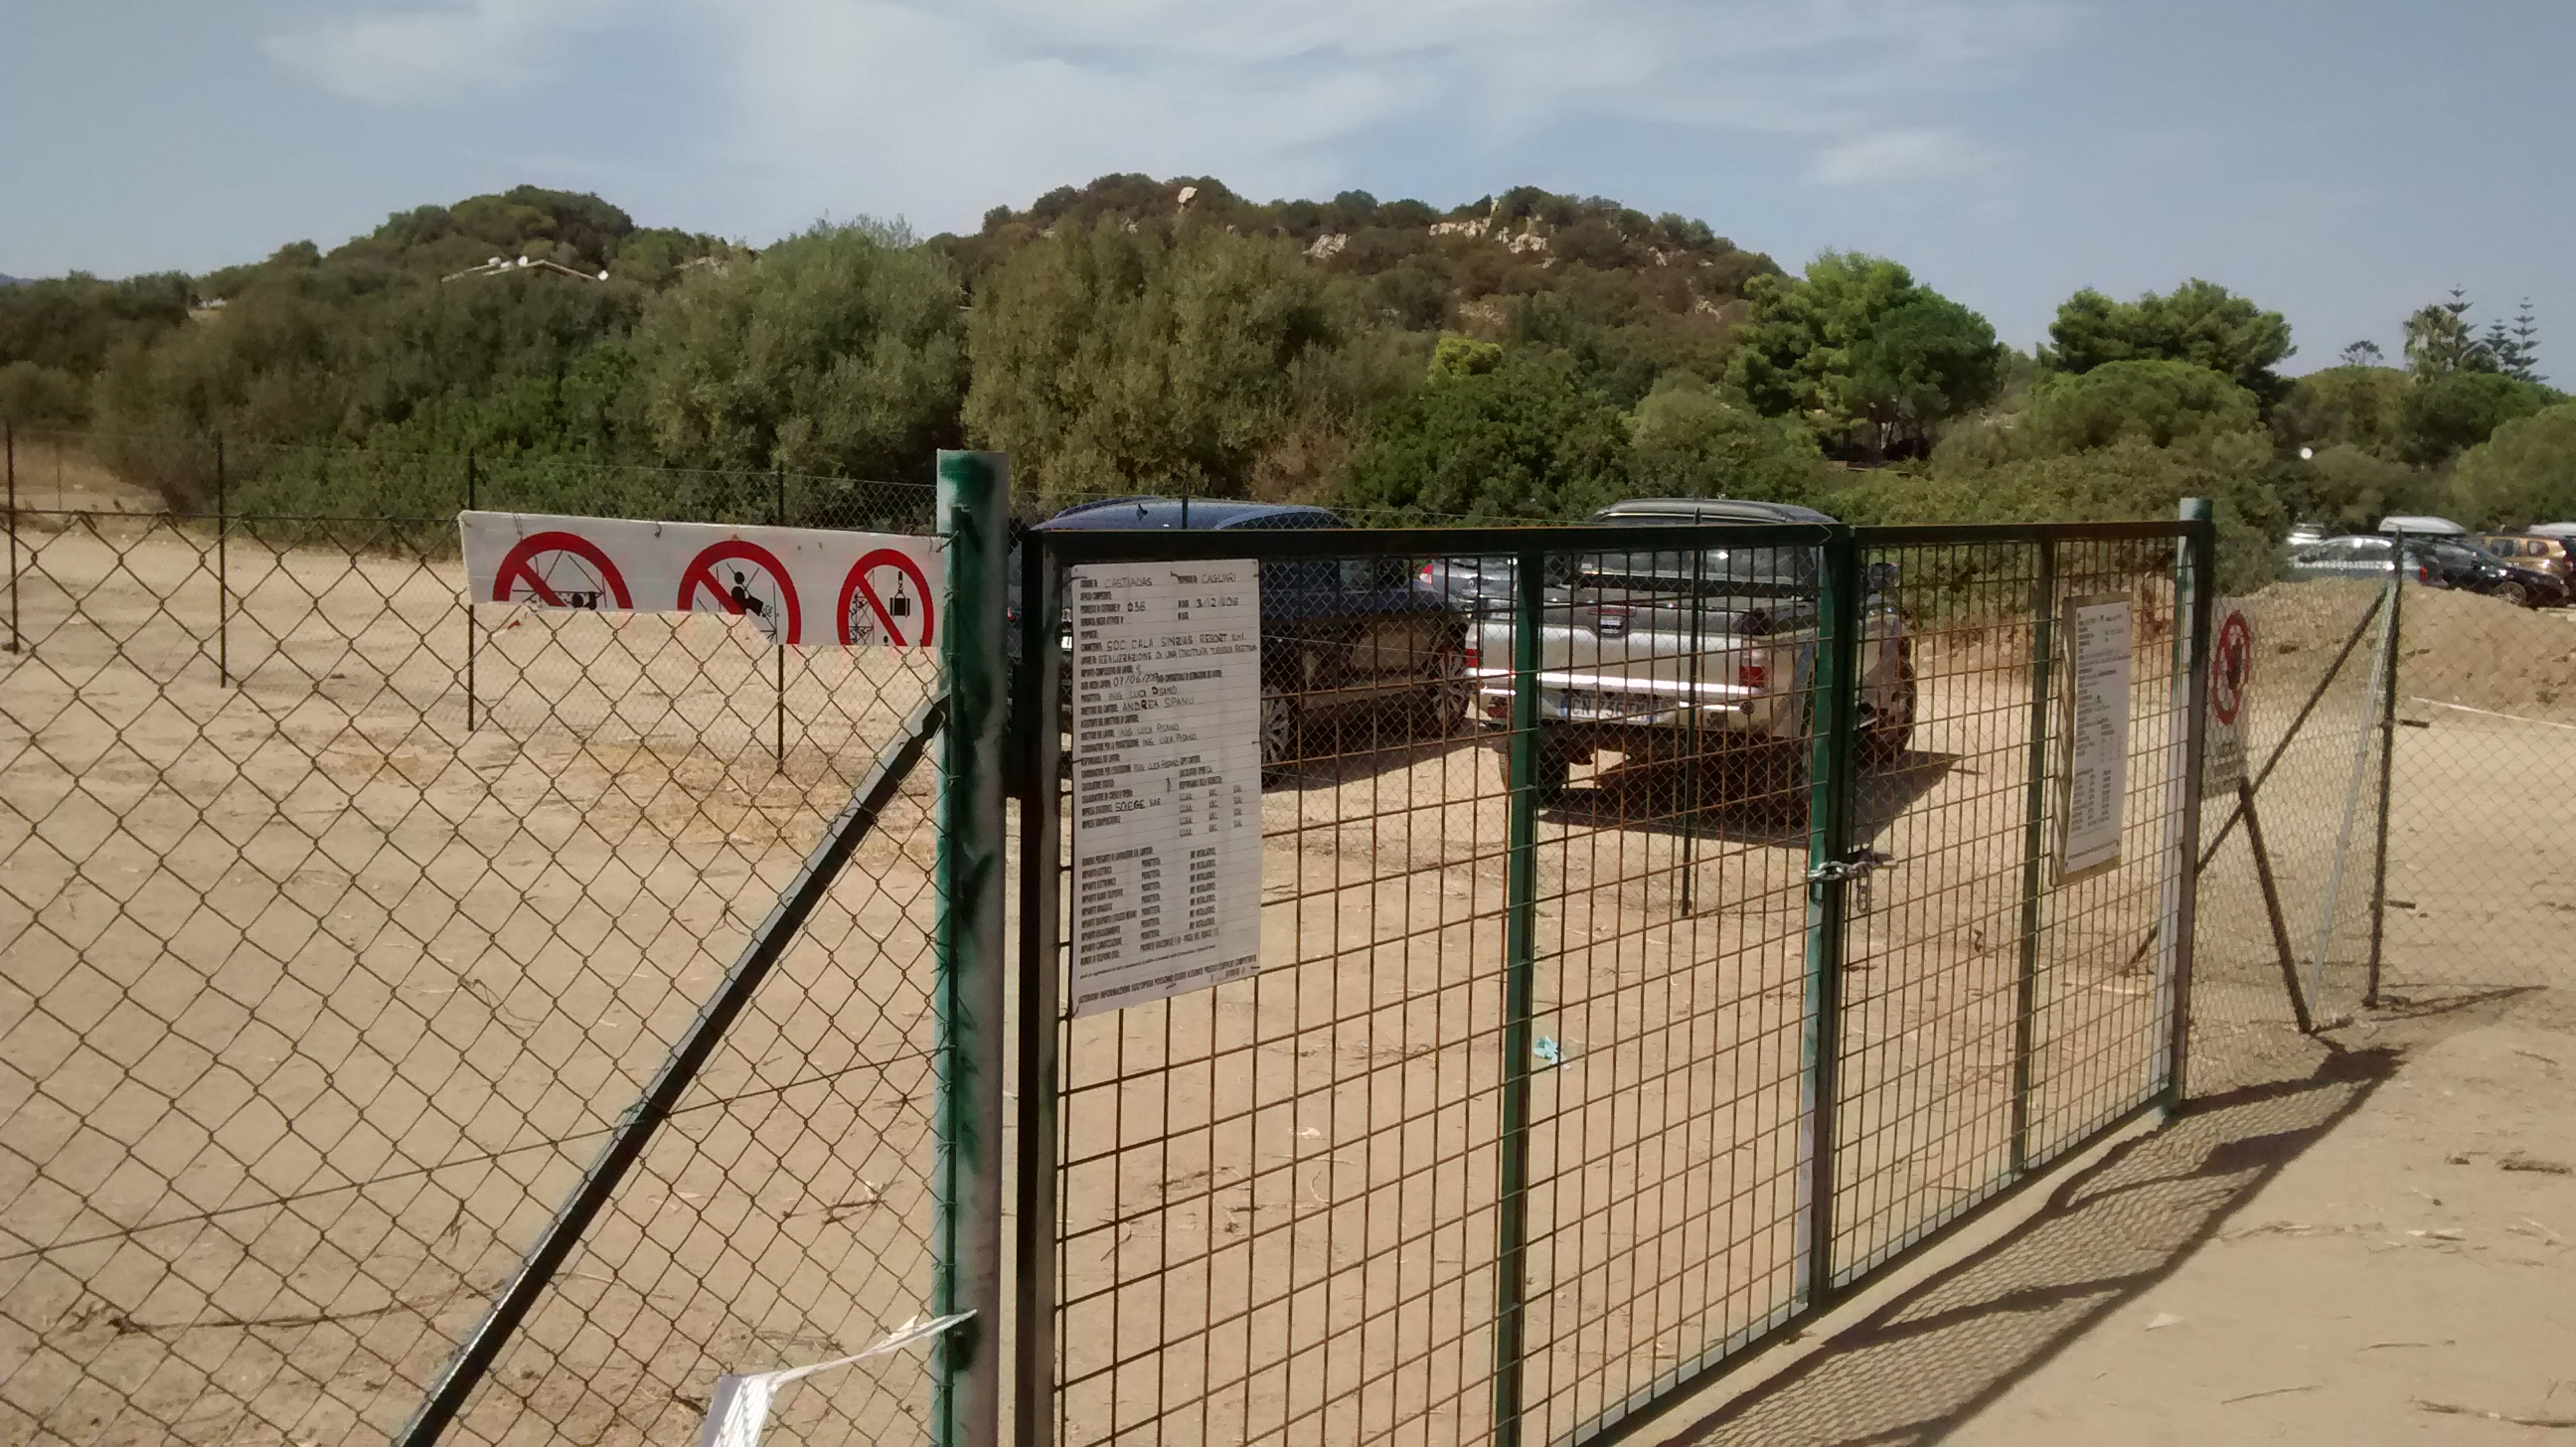 Cala sinzias grig cantiere in zona tutelata da vincolo for Vincolo paesaggistico